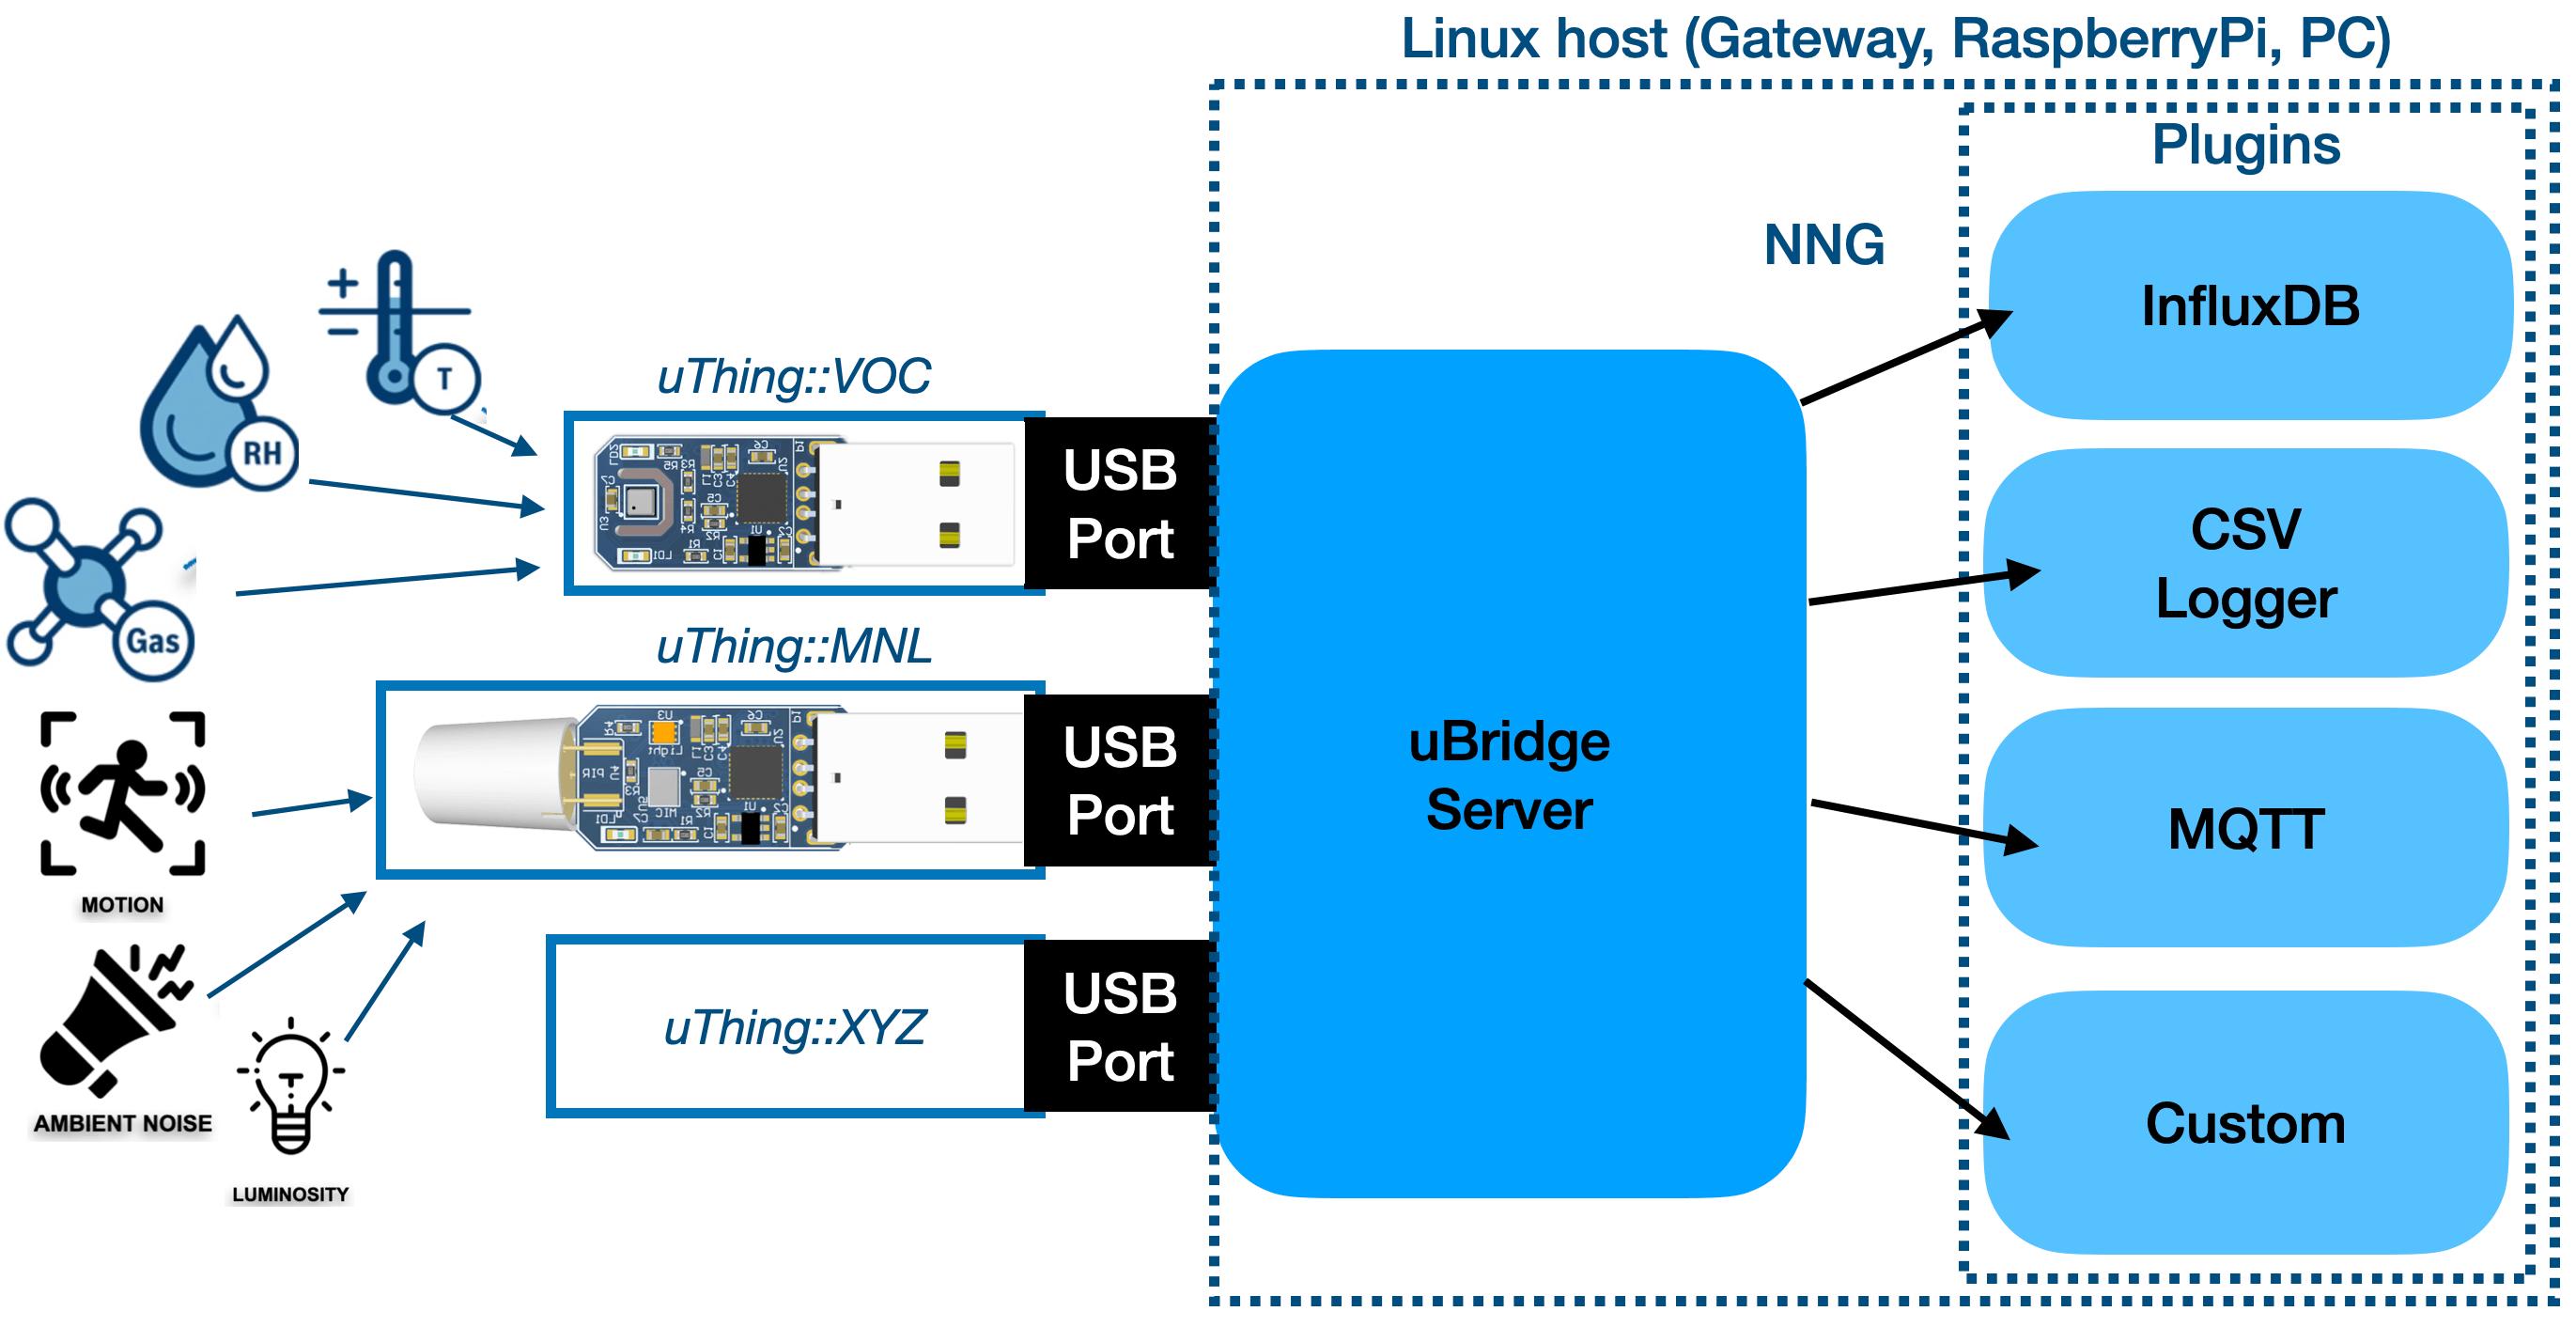 uBridge block diagram